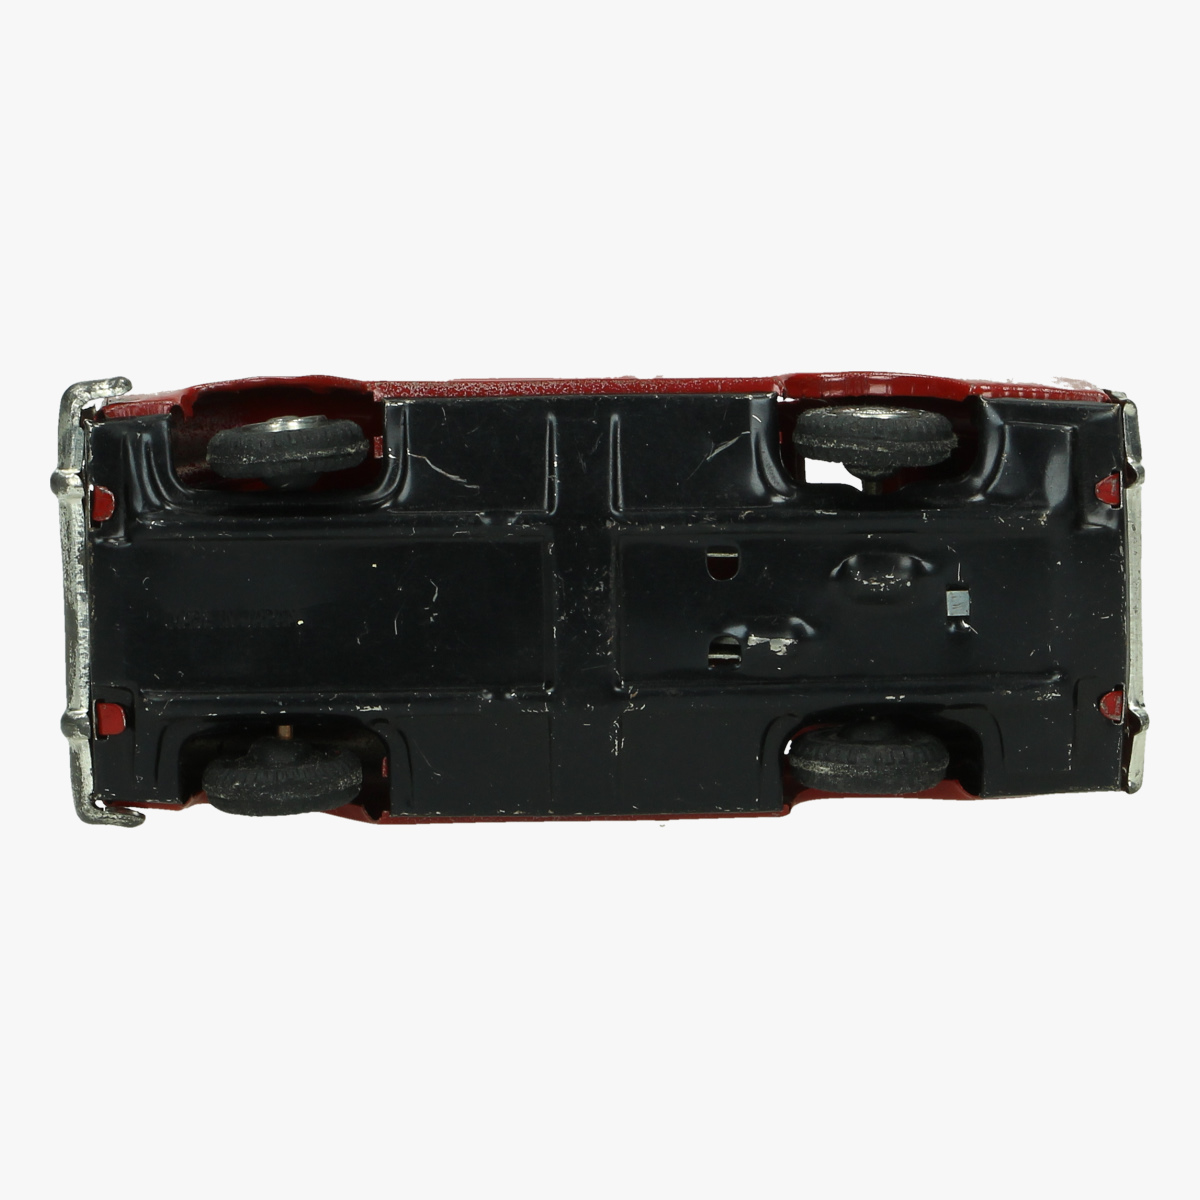 Afbeeldingen van oude blikken wagen made in japan